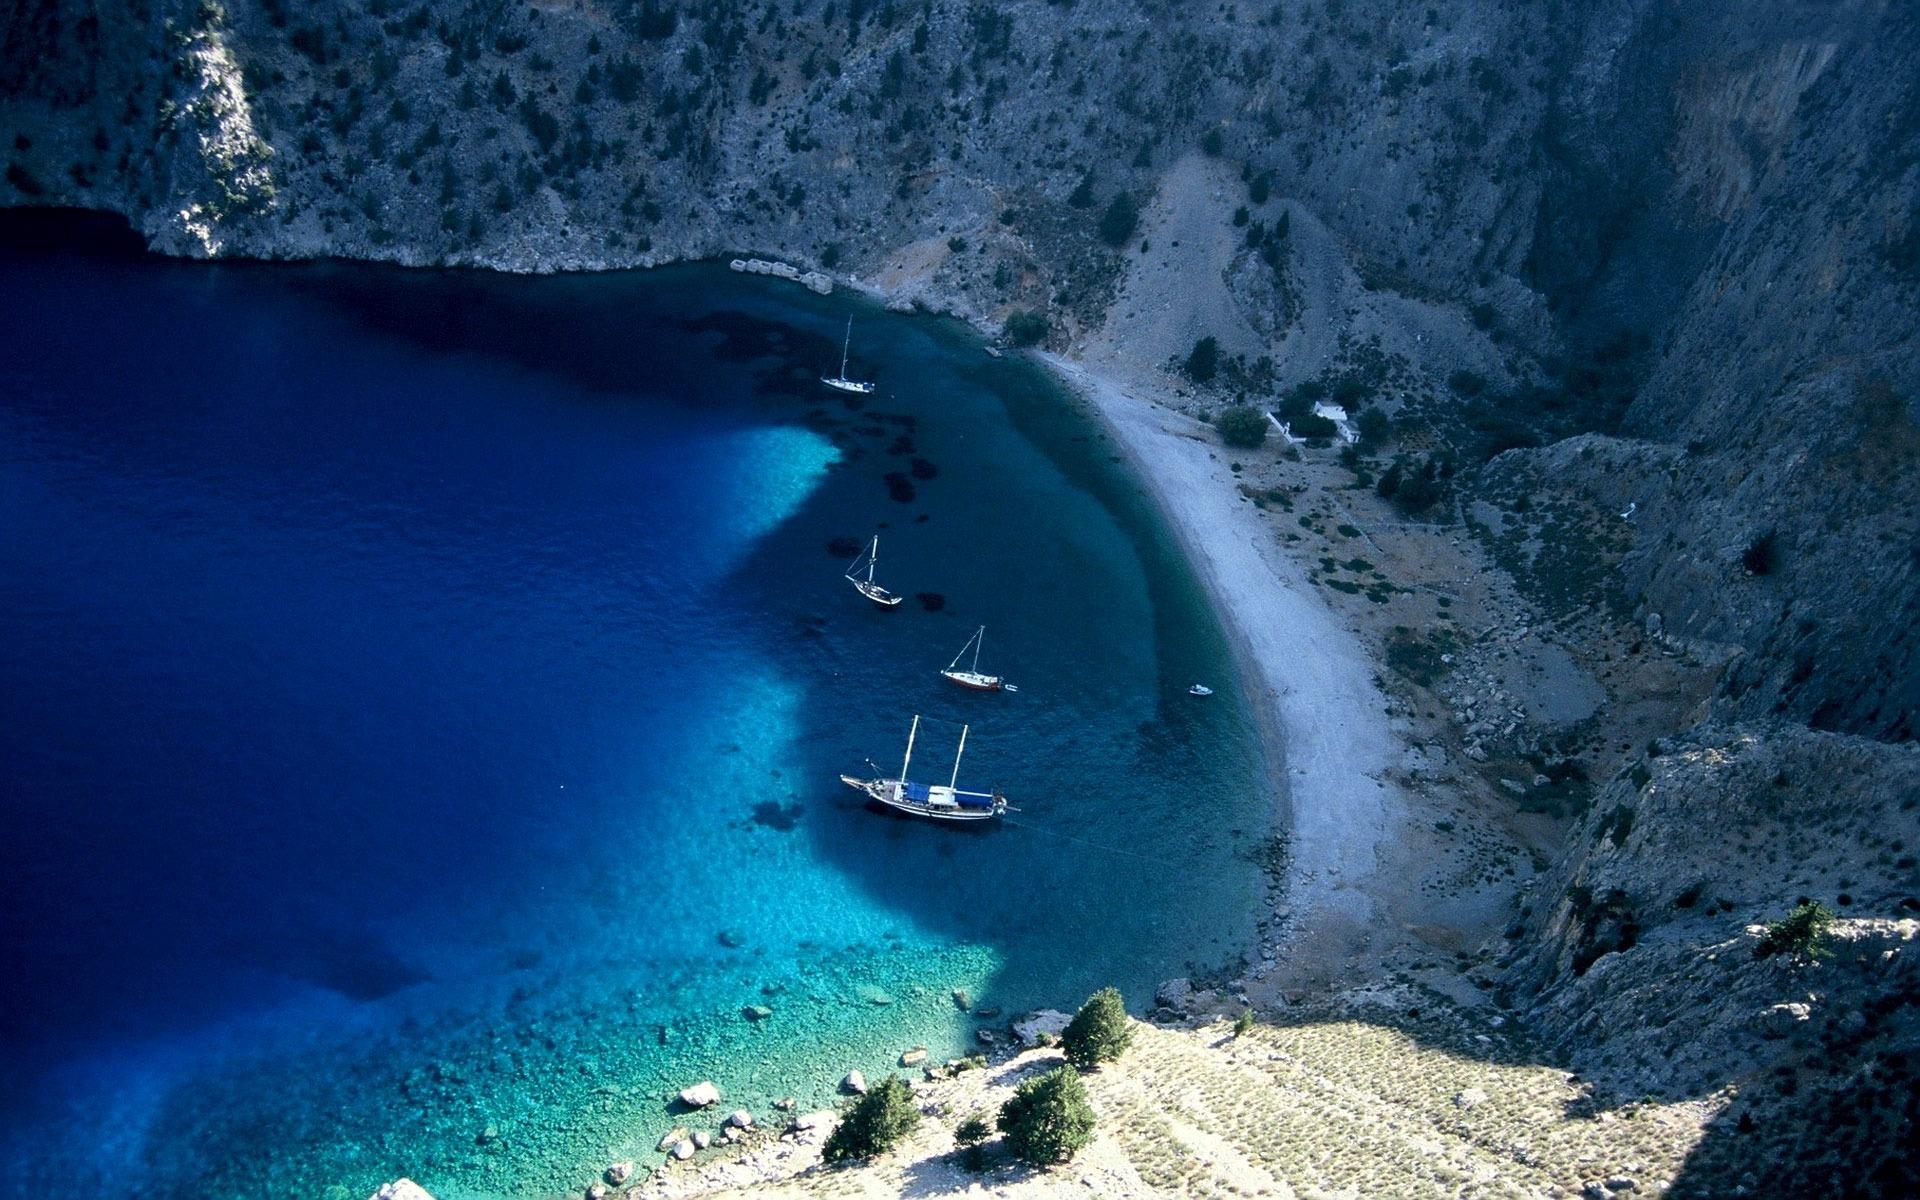 Бухта и пляж без смс